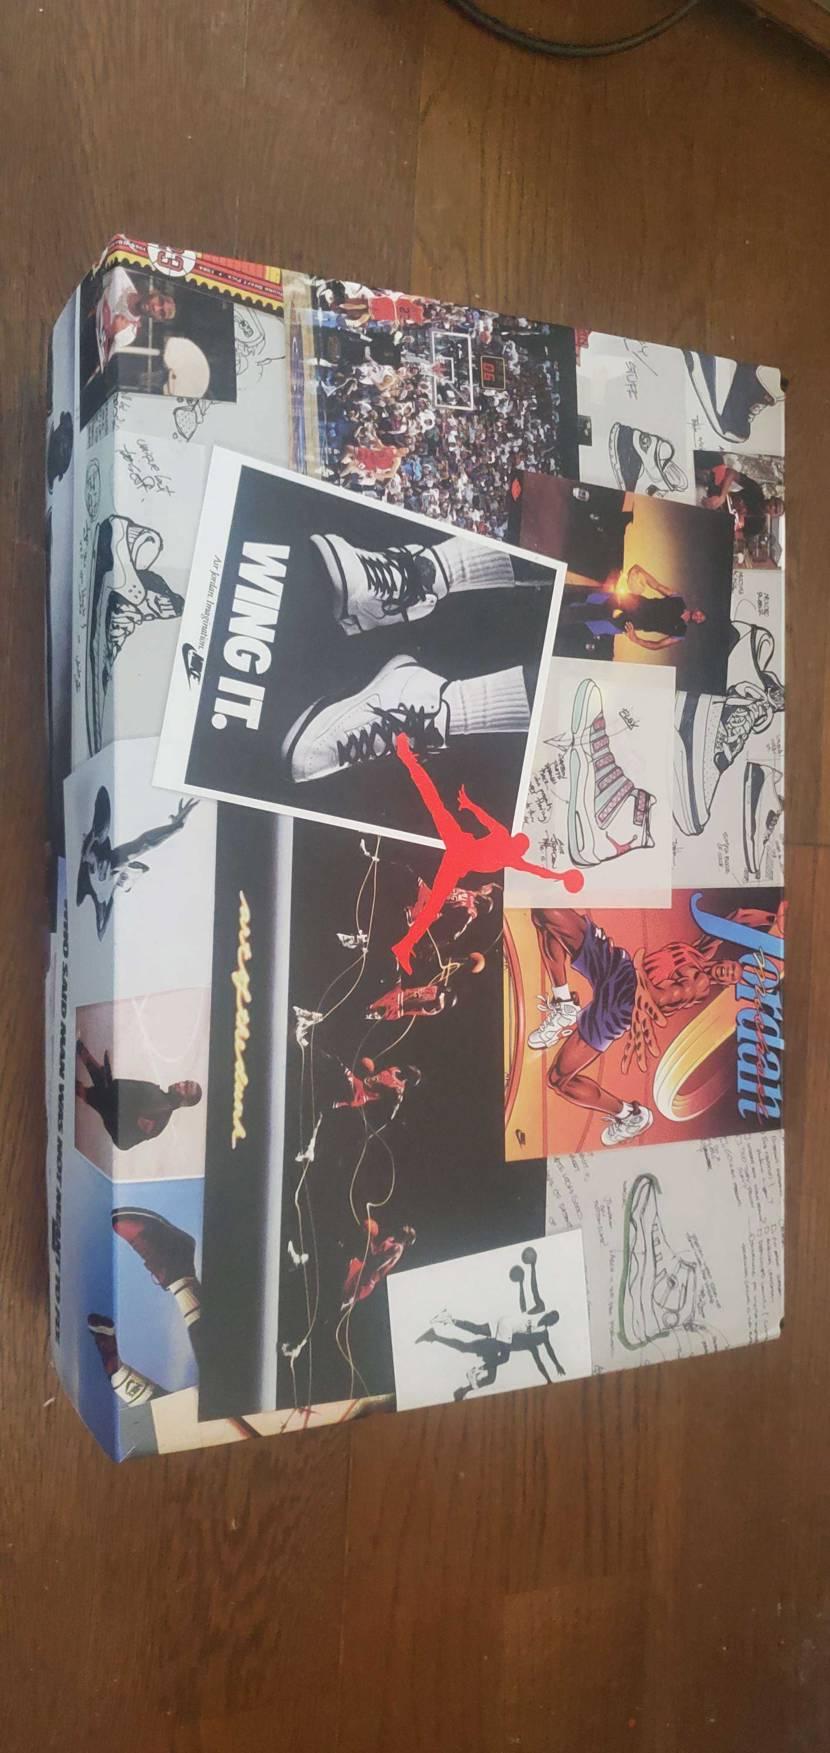 一昨日atmosのリストックで買えたジョーダン3が到着! 格